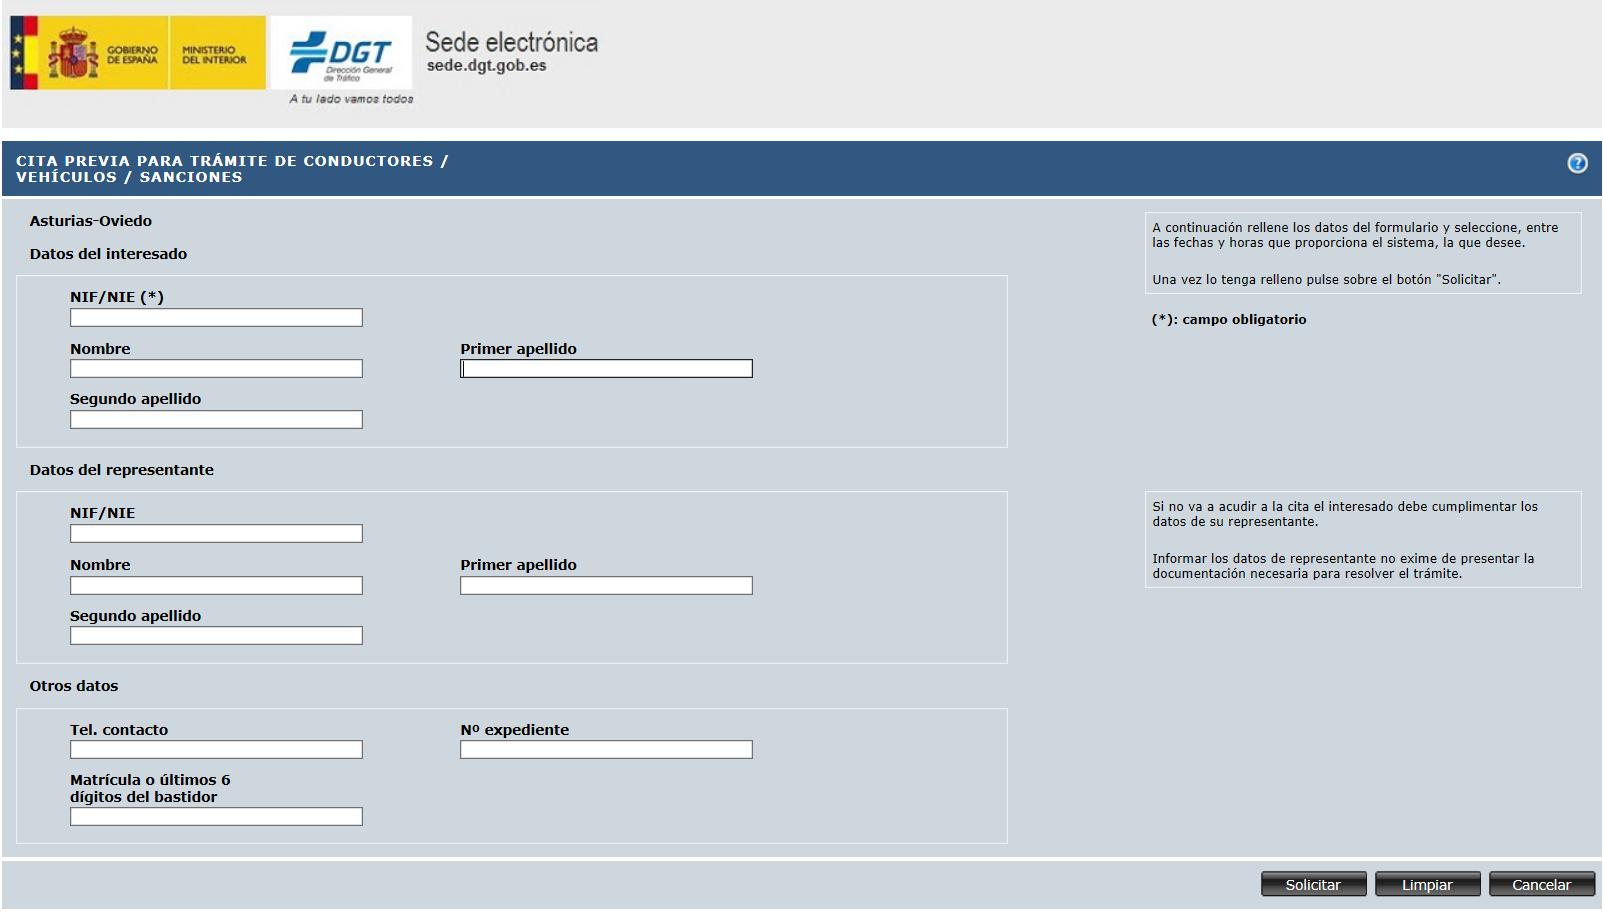 Rellenar datos. Cómo solicitar el permiso internacional de conducir